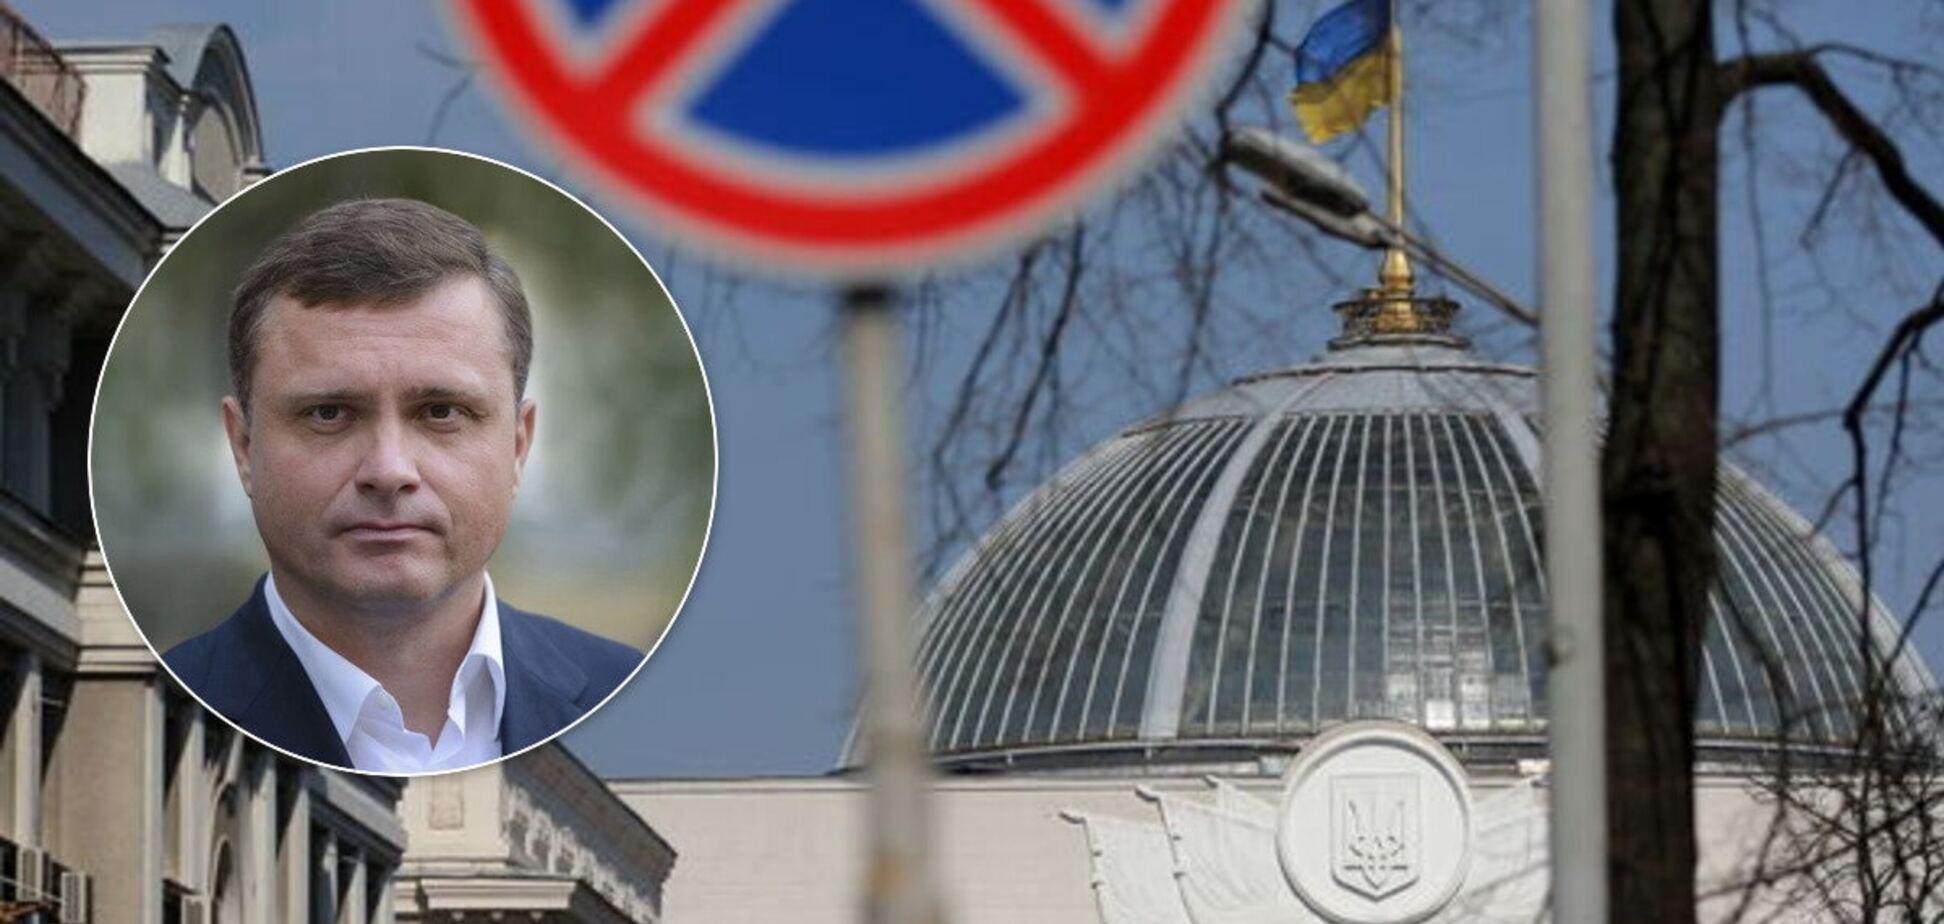 На условиях Левочкина: стало известно, почему ОПЗЖ проголосовала в унисон со 'Слугой народа'